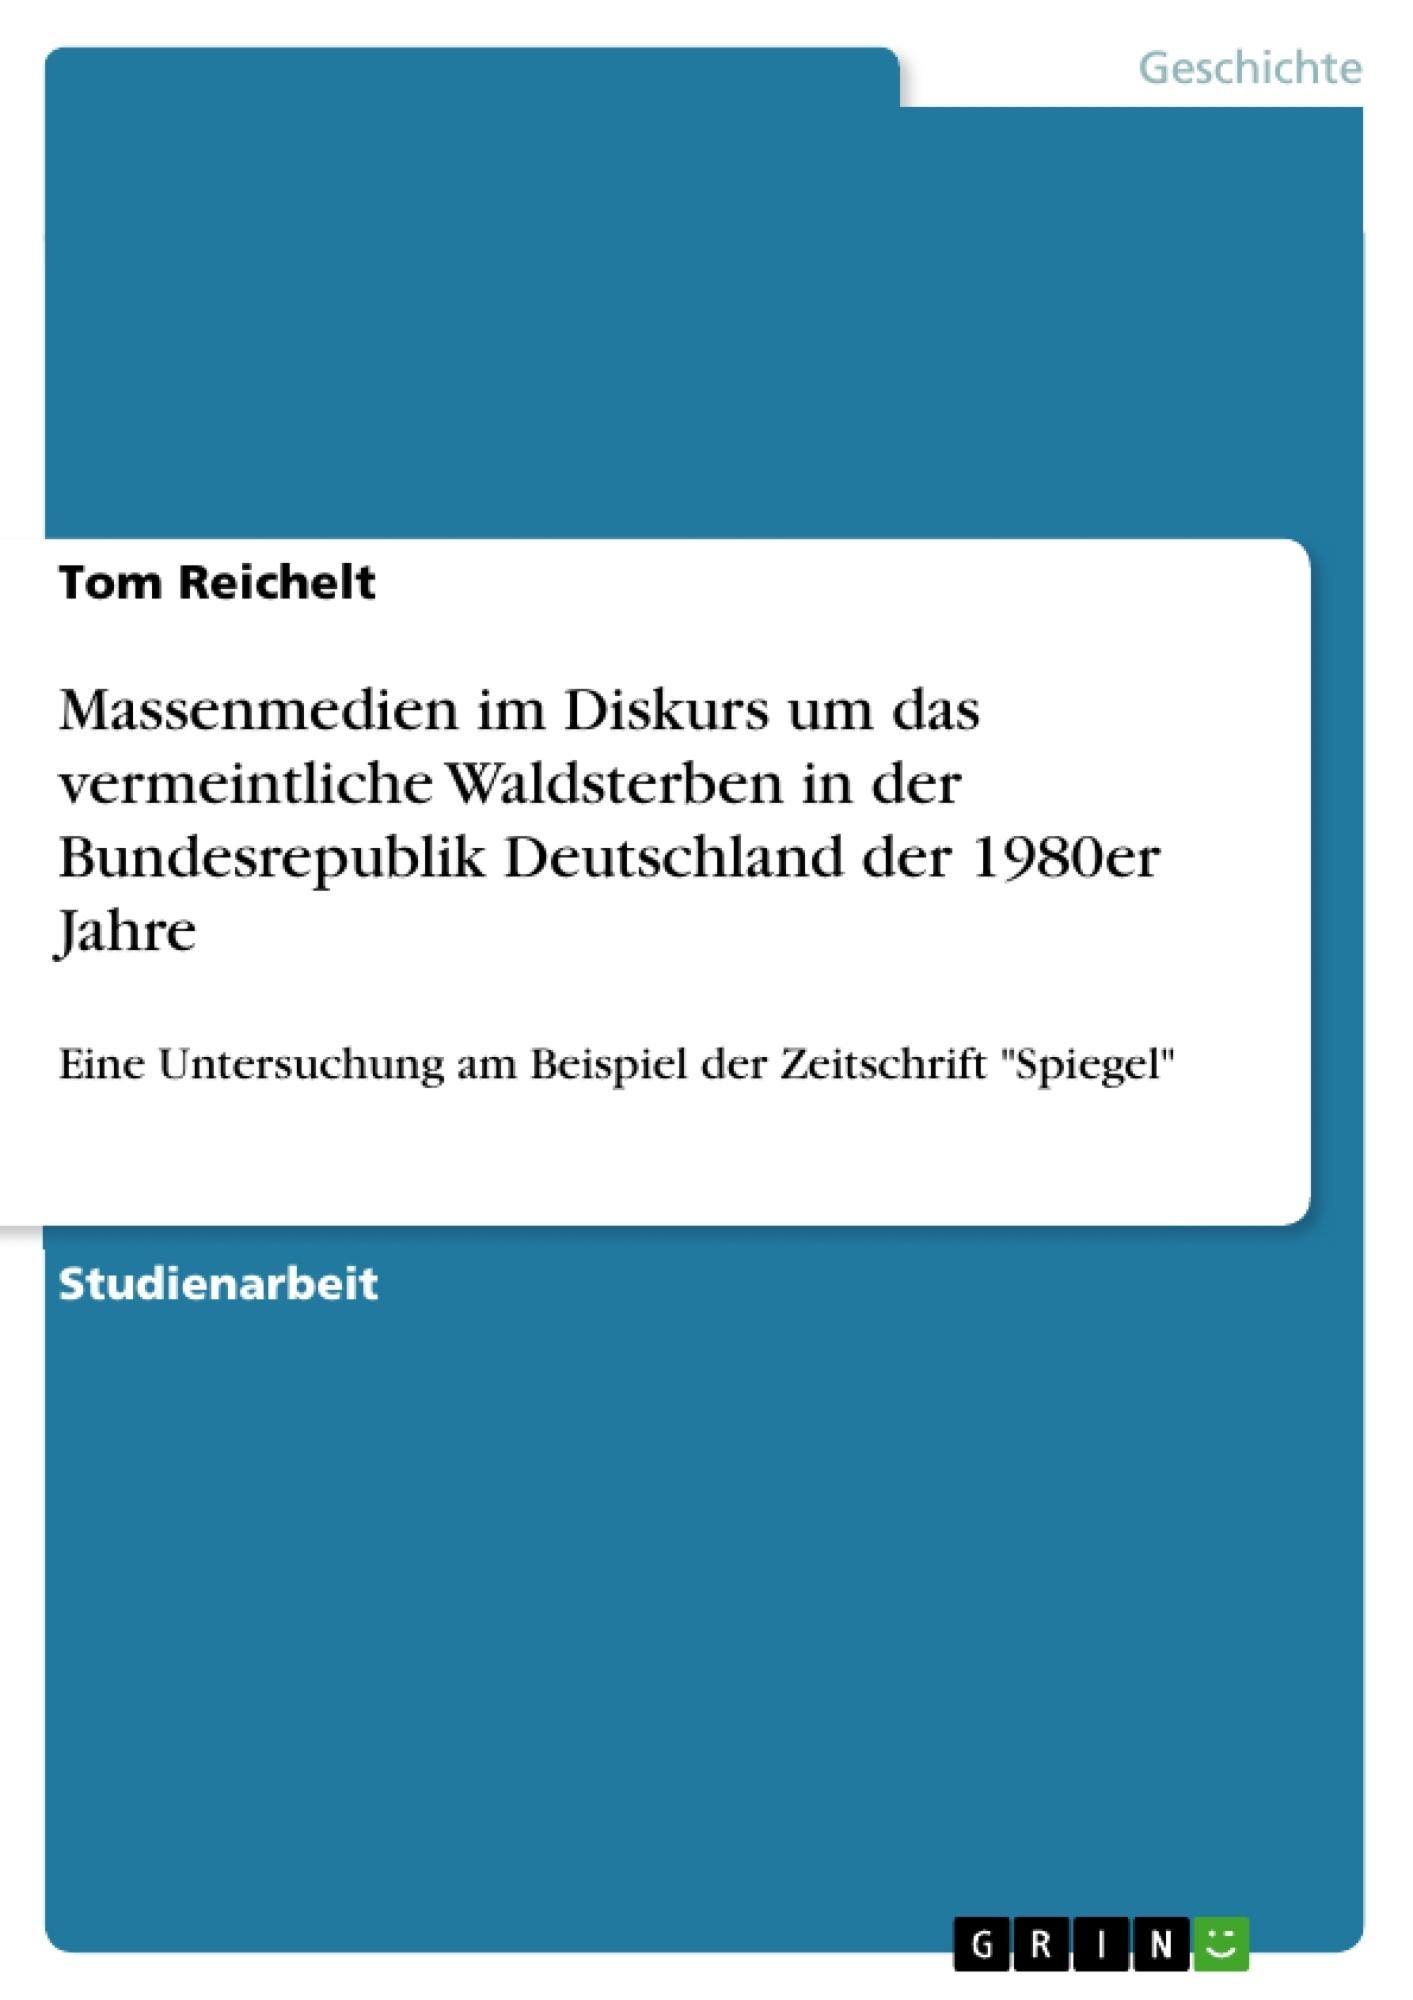 Titel: Massenmedien im Diskurs um das vermeintliche Waldsterben in der Bundesrepublik Deutschland der 1980er Jahre